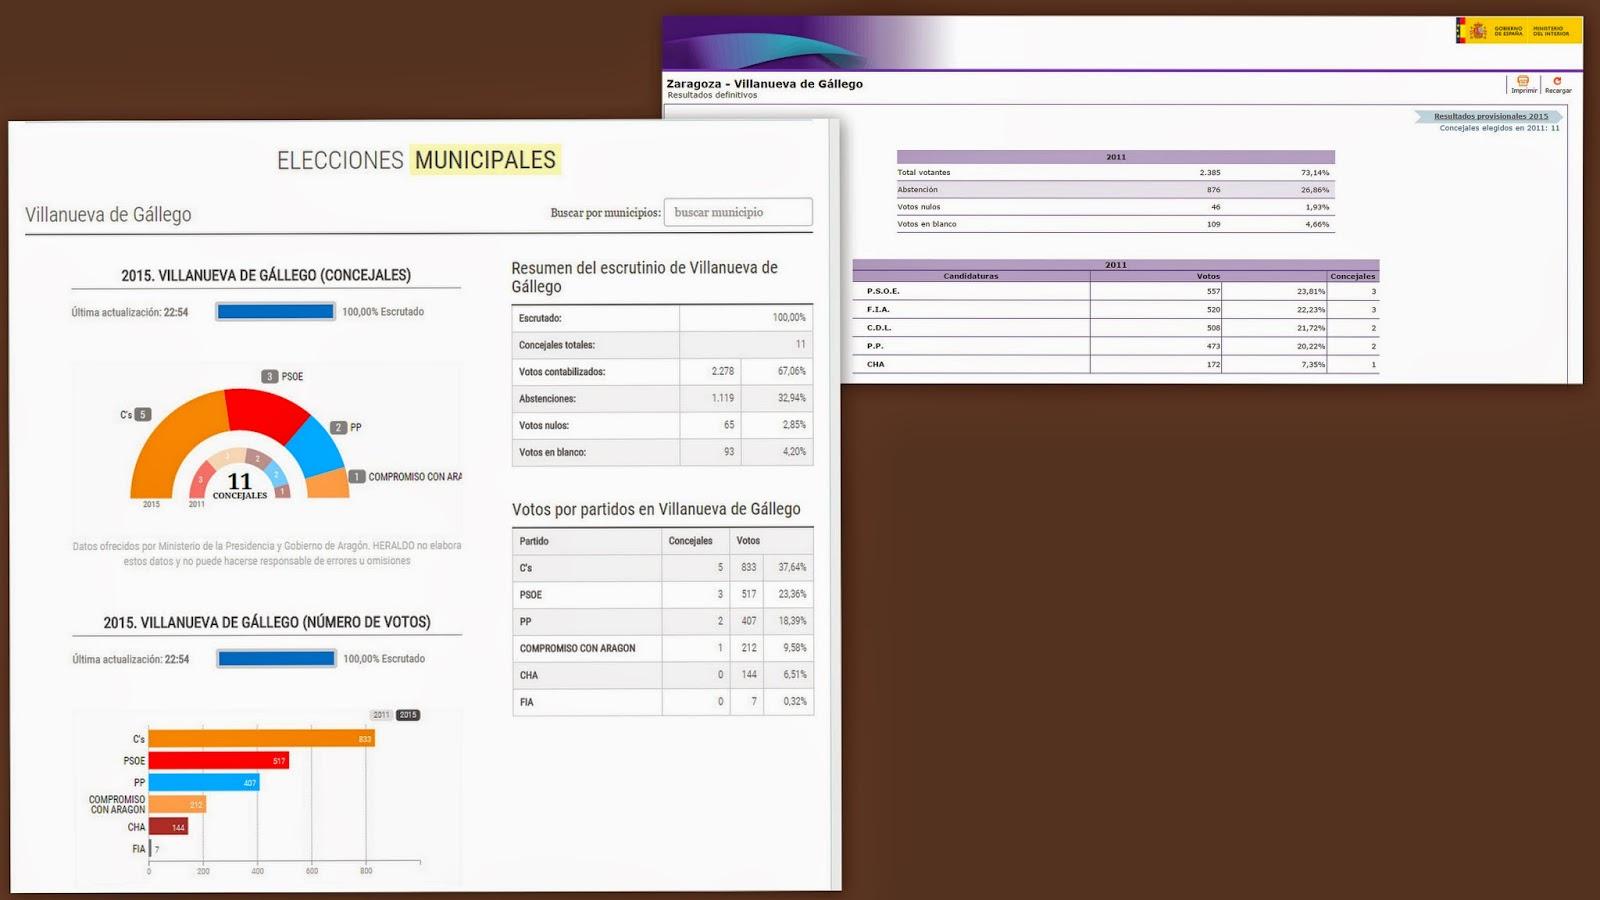 El retabillo comparativa elecciones municipales en for Ministerio del interior elecciones